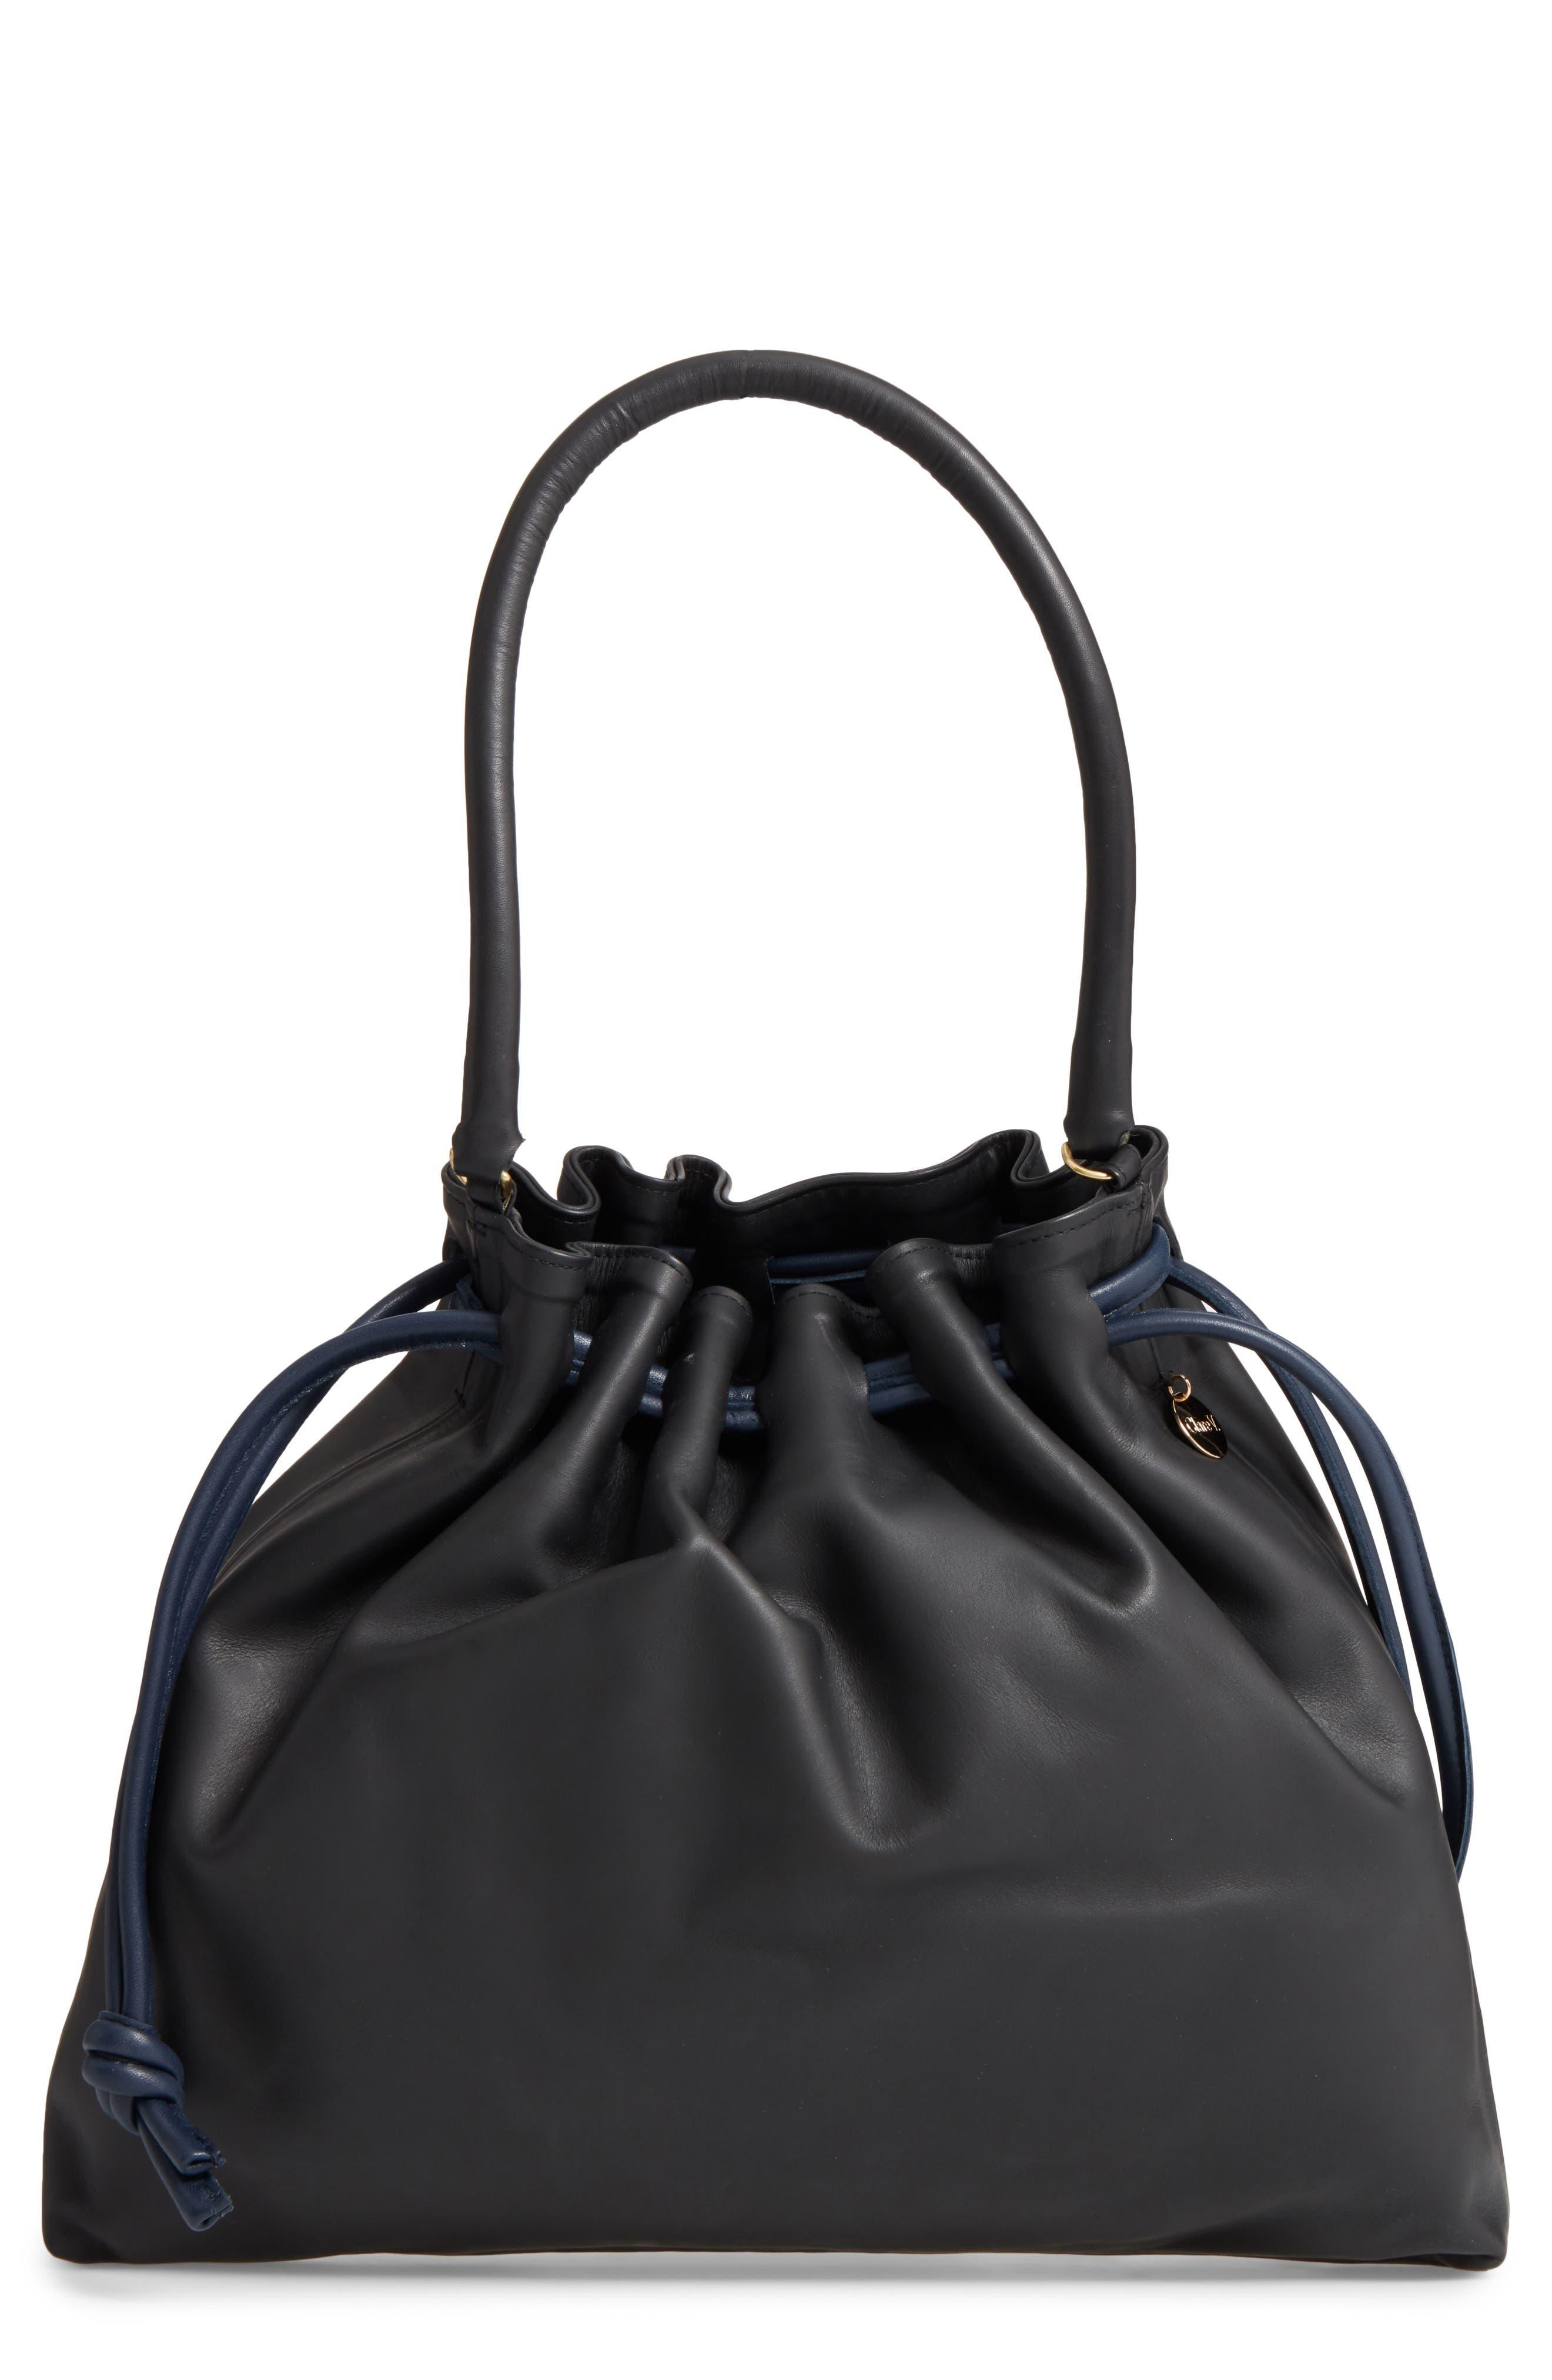 Clare V. Henri Drawstring Shoulder Bag